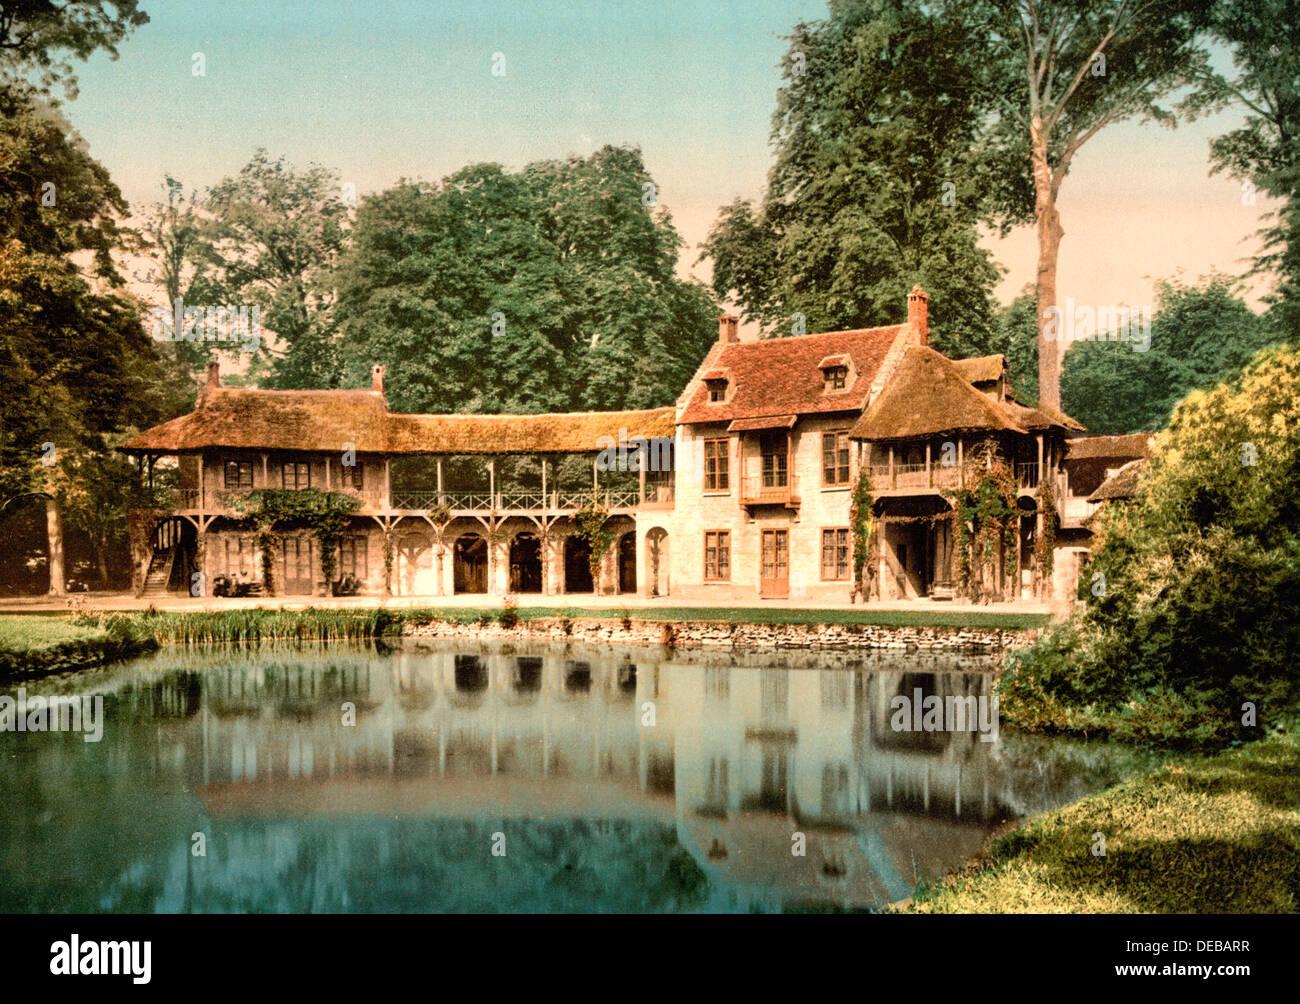 Petit trianon park maison du seigneur versailles france for Aavi maison du gps